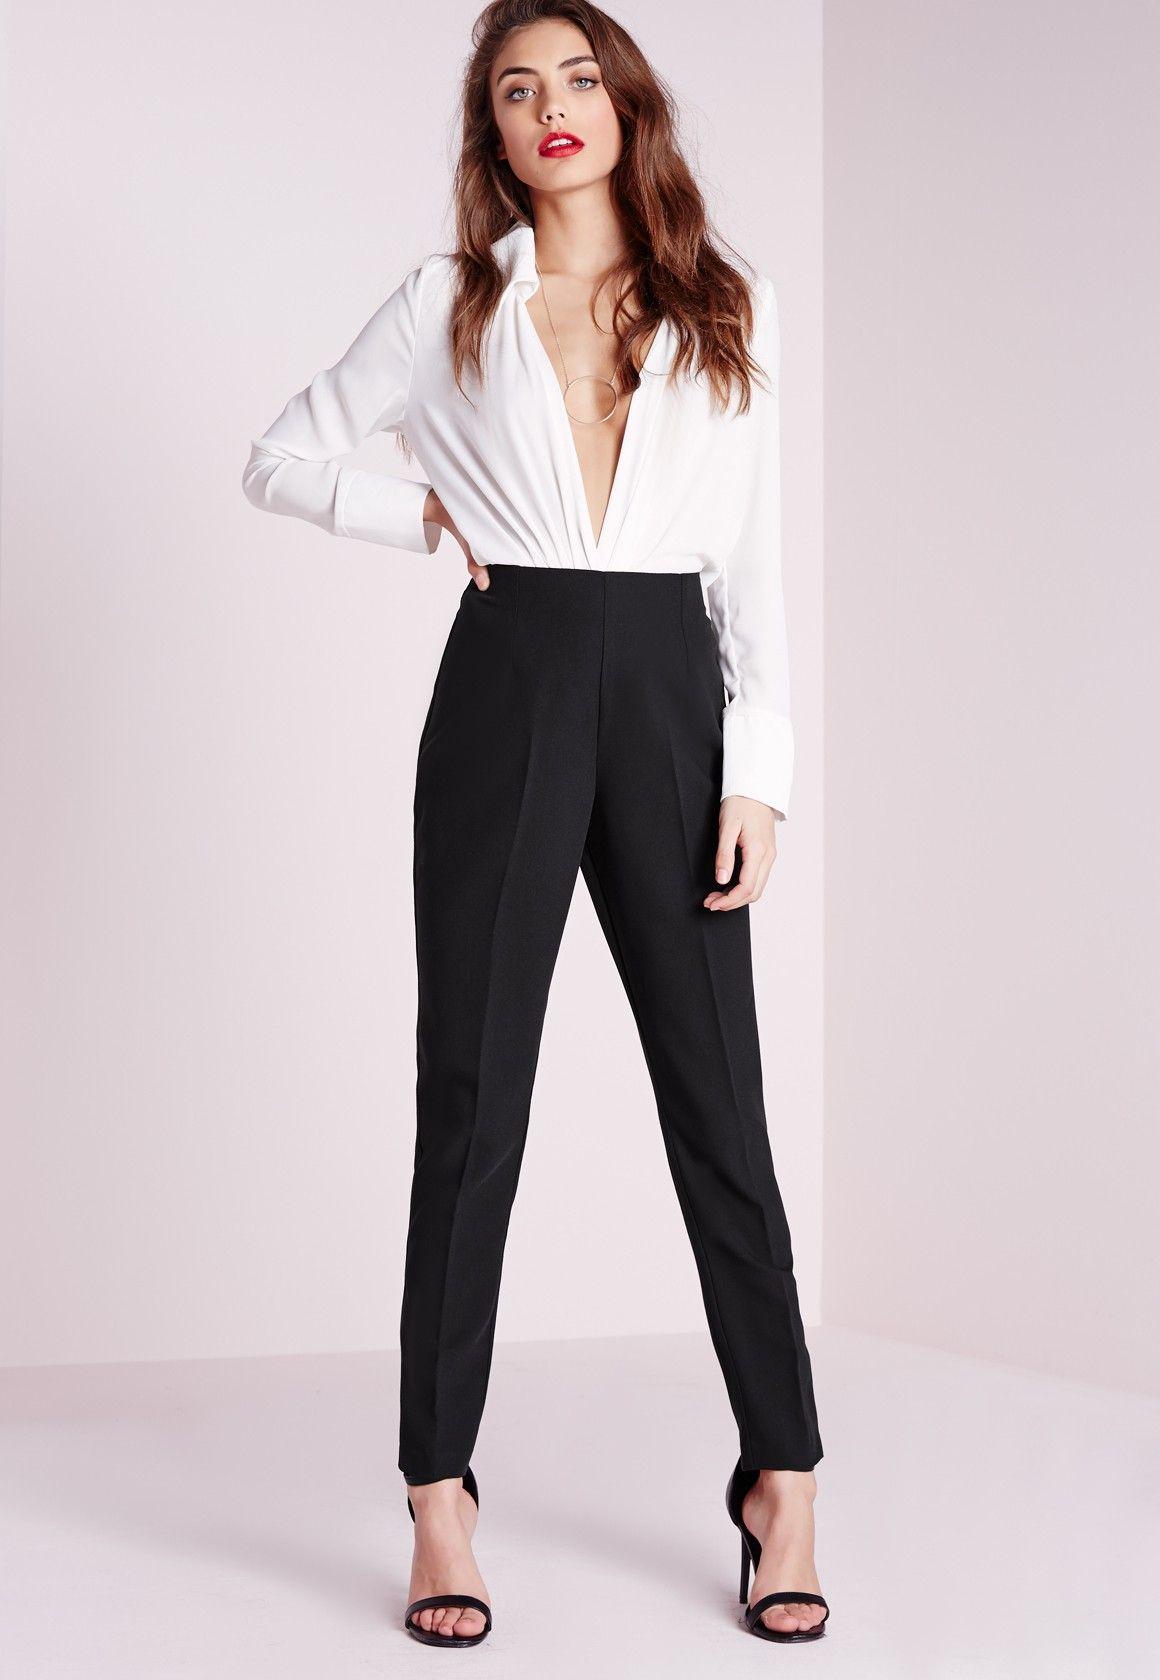 bdad7c9a0f4ad Missguided - Pantalon cigarette noir à taille haute | Pantalon ...